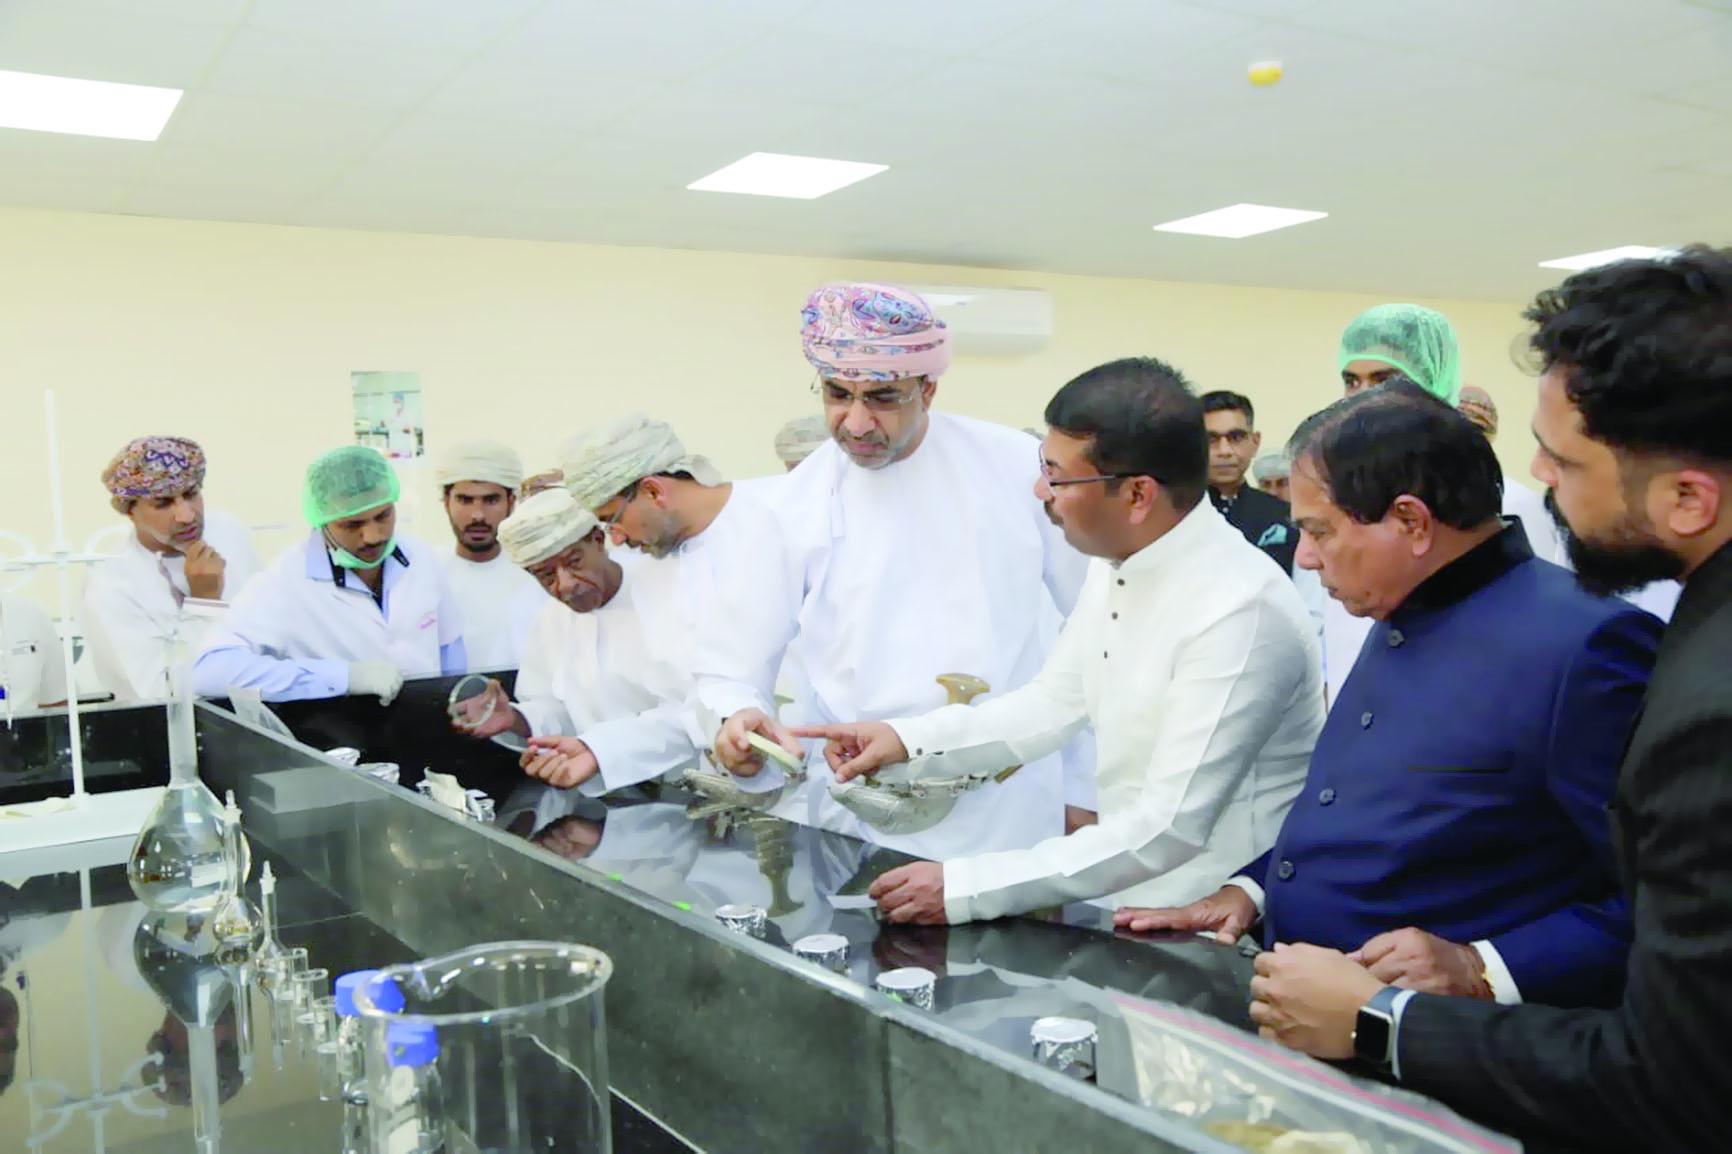 بطاقة انتاجية حوالي 250 طن.. افتتاح مصنع المنتجات السمكية في محوت